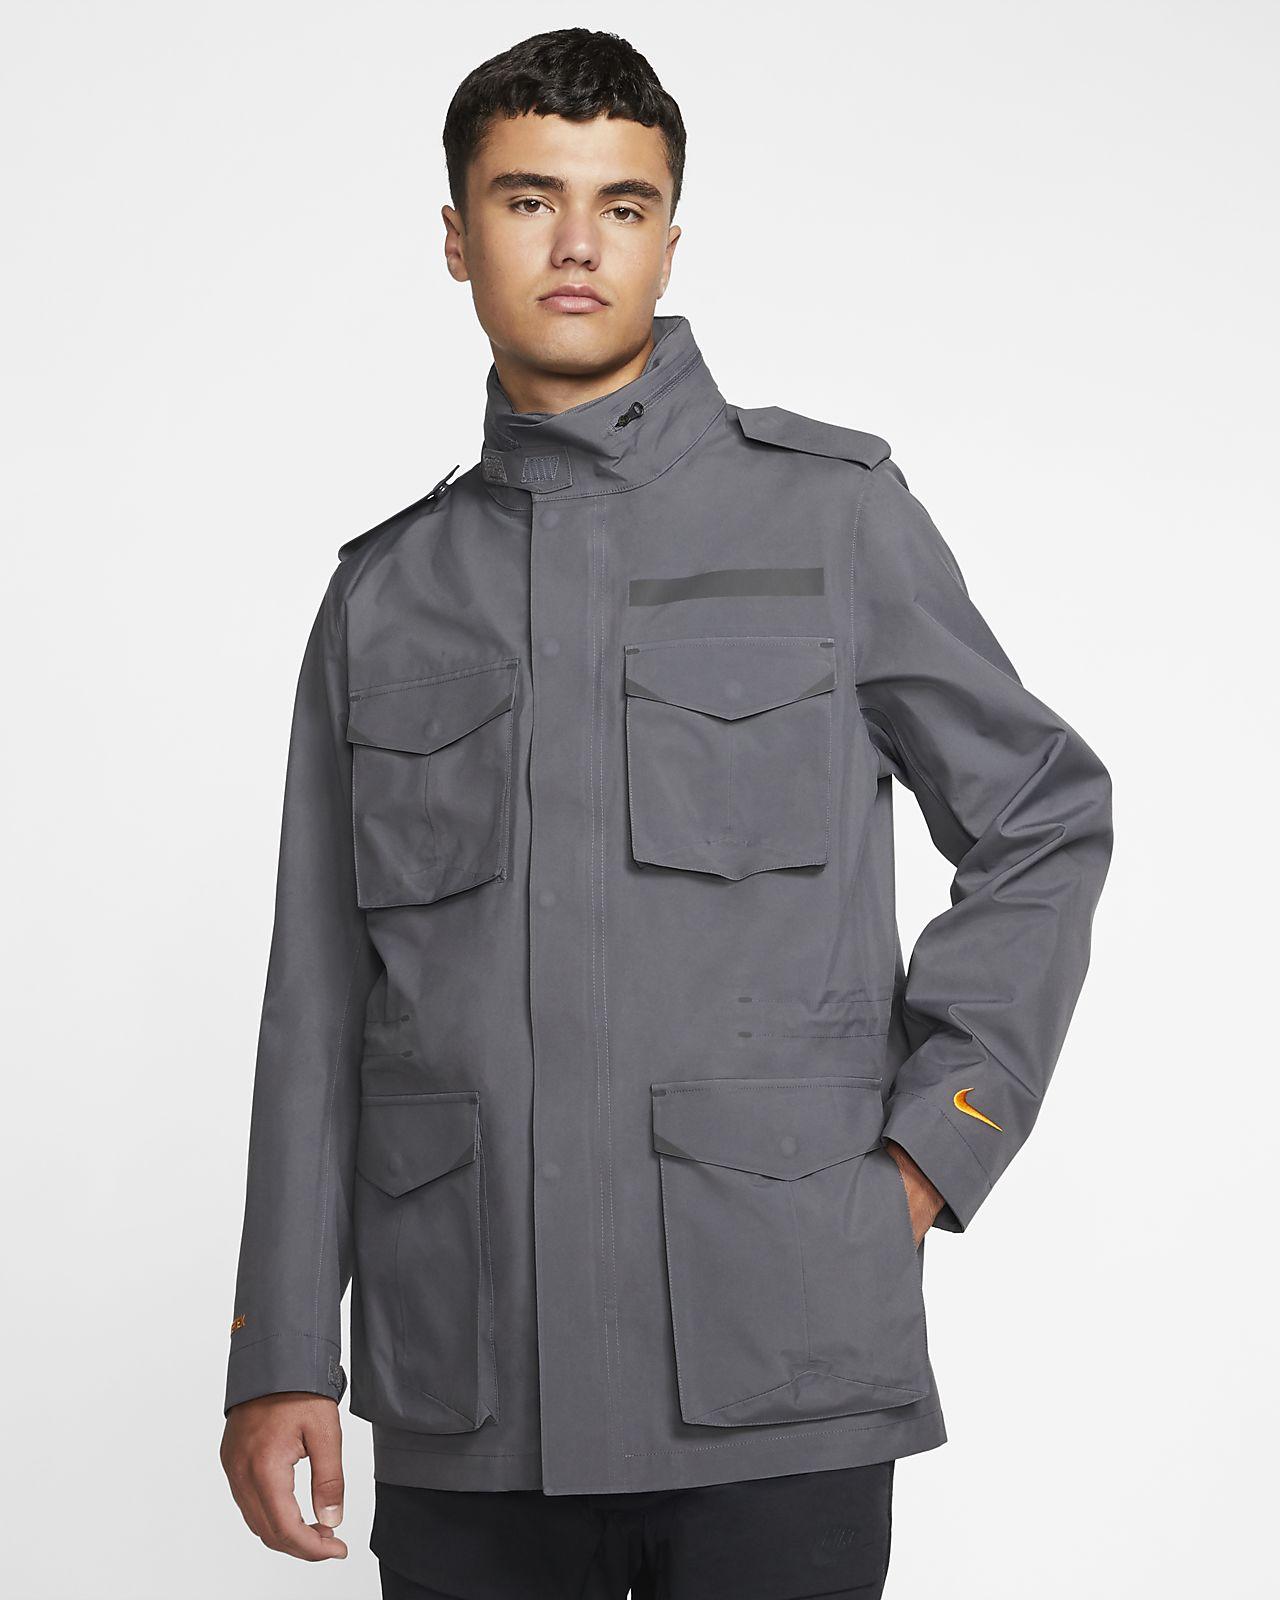 ナイキ ゴアテックス M65 メンズジャケット